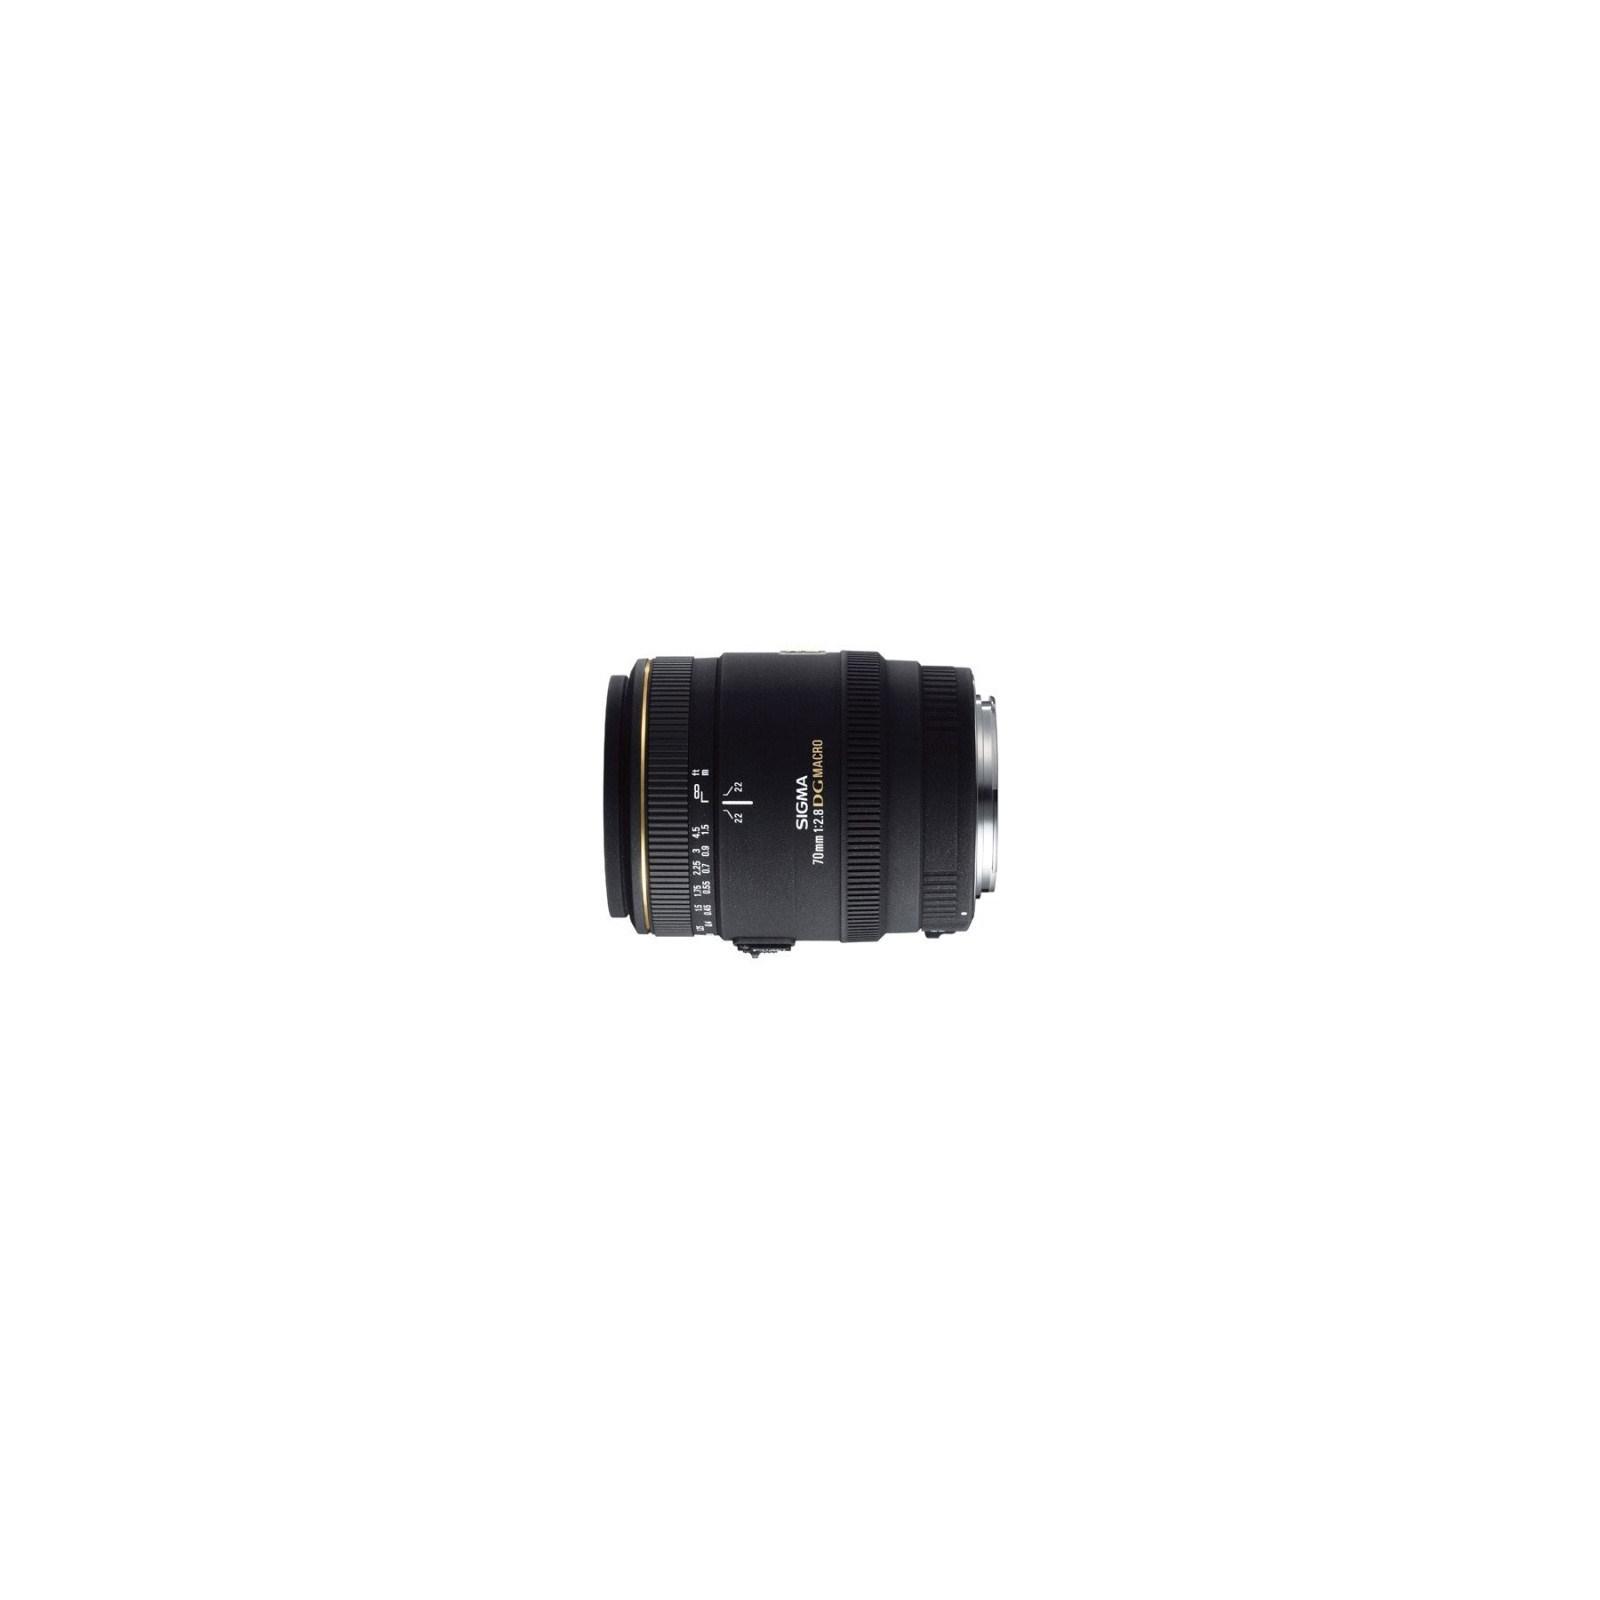 Объектив Sigma 70mm f/2.8 EX DG macro for Canon (270954)